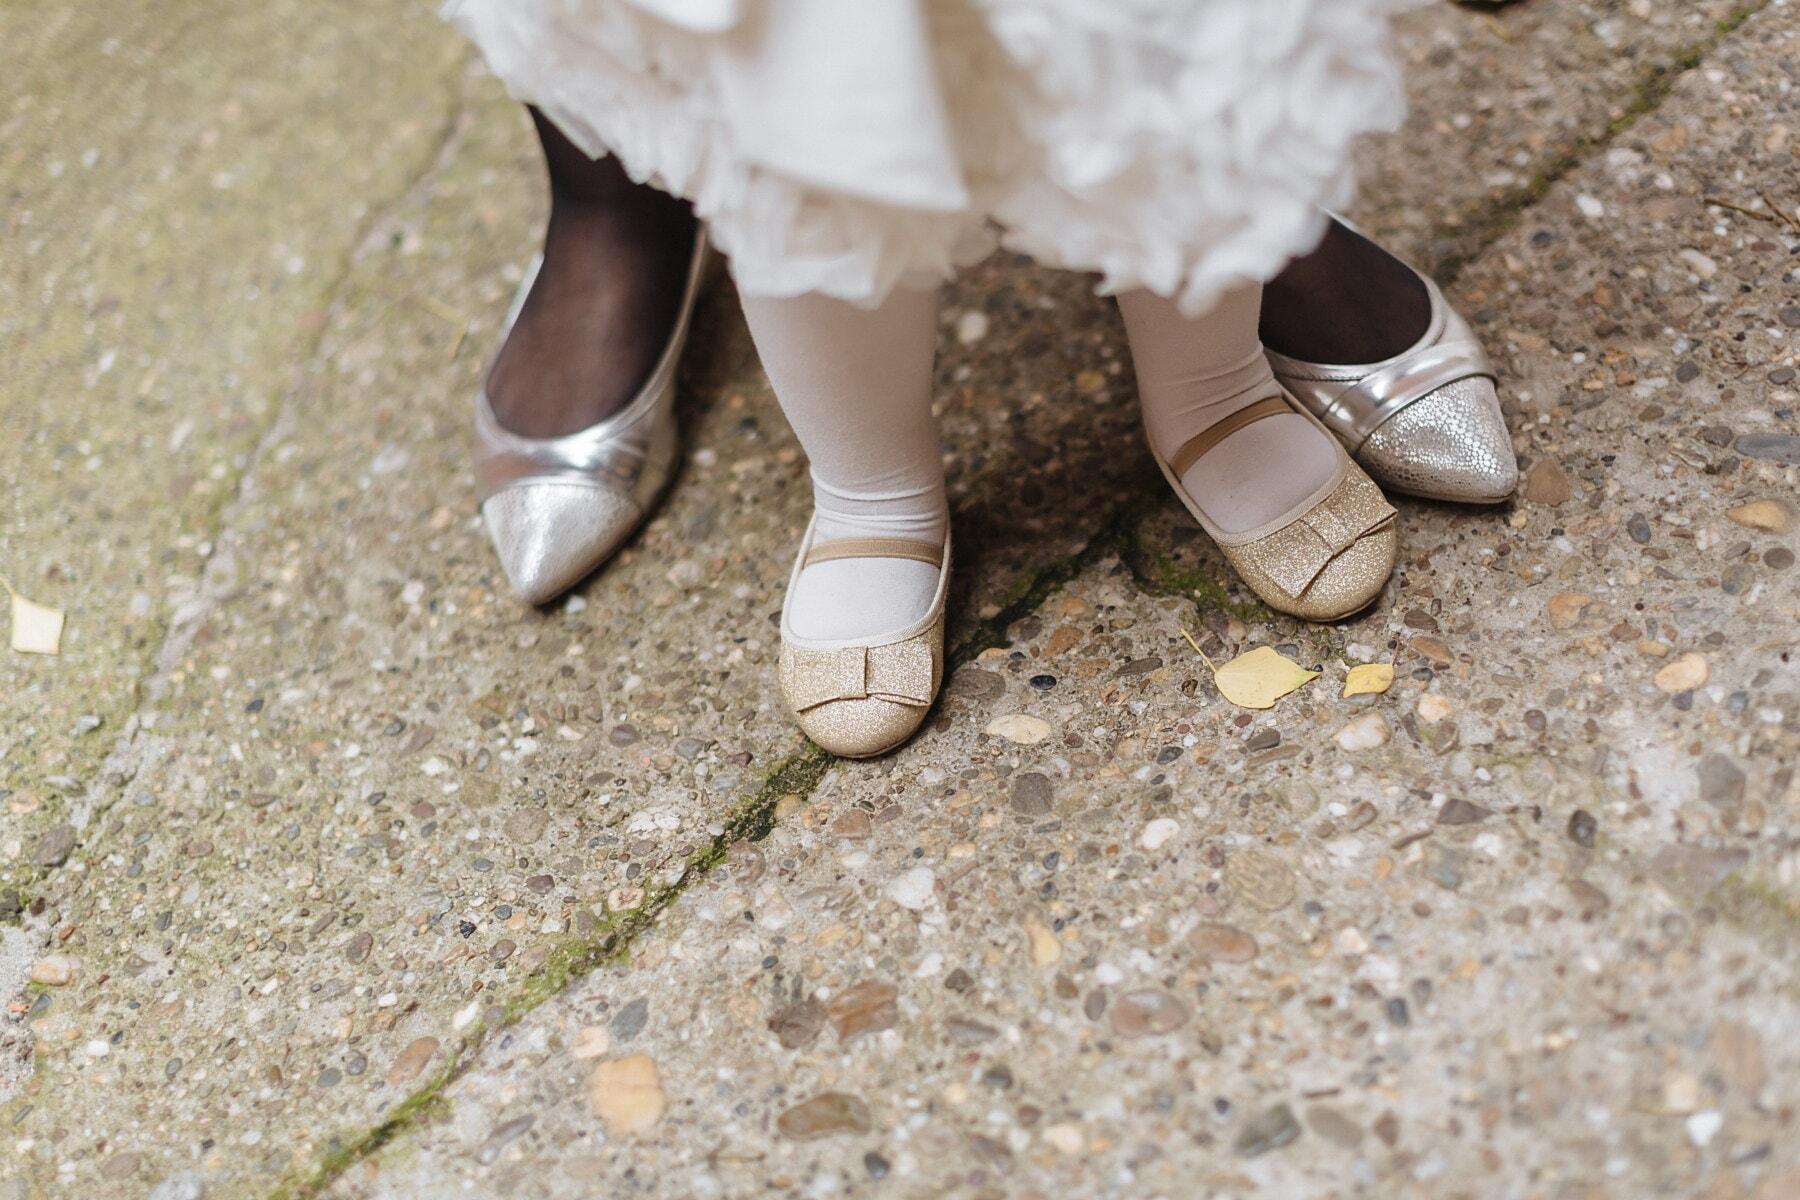 Beyaz, Ayakkabı, sandal, kızı, anne, kız, Ayakkabı, ayak, Ayakkabı, sokak